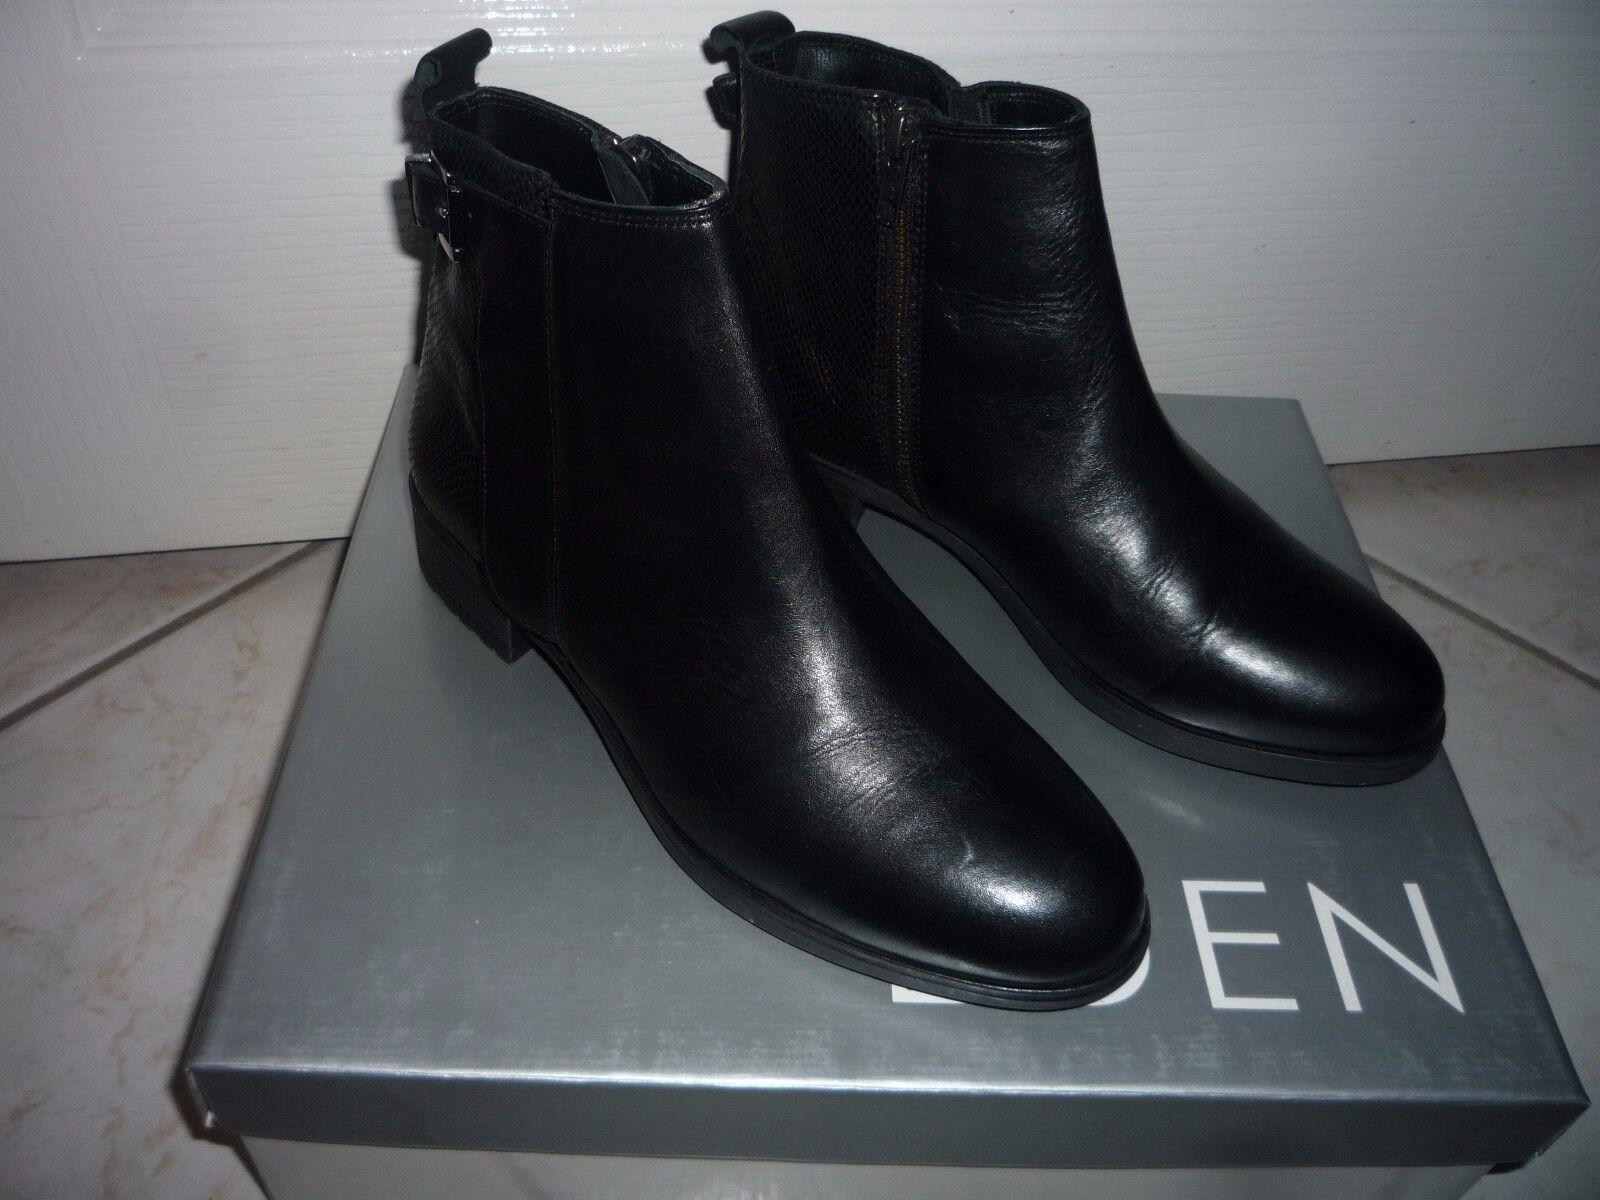 BOTTINES NOIRES CUIR  EDEN chaussures   T 38 NEUF